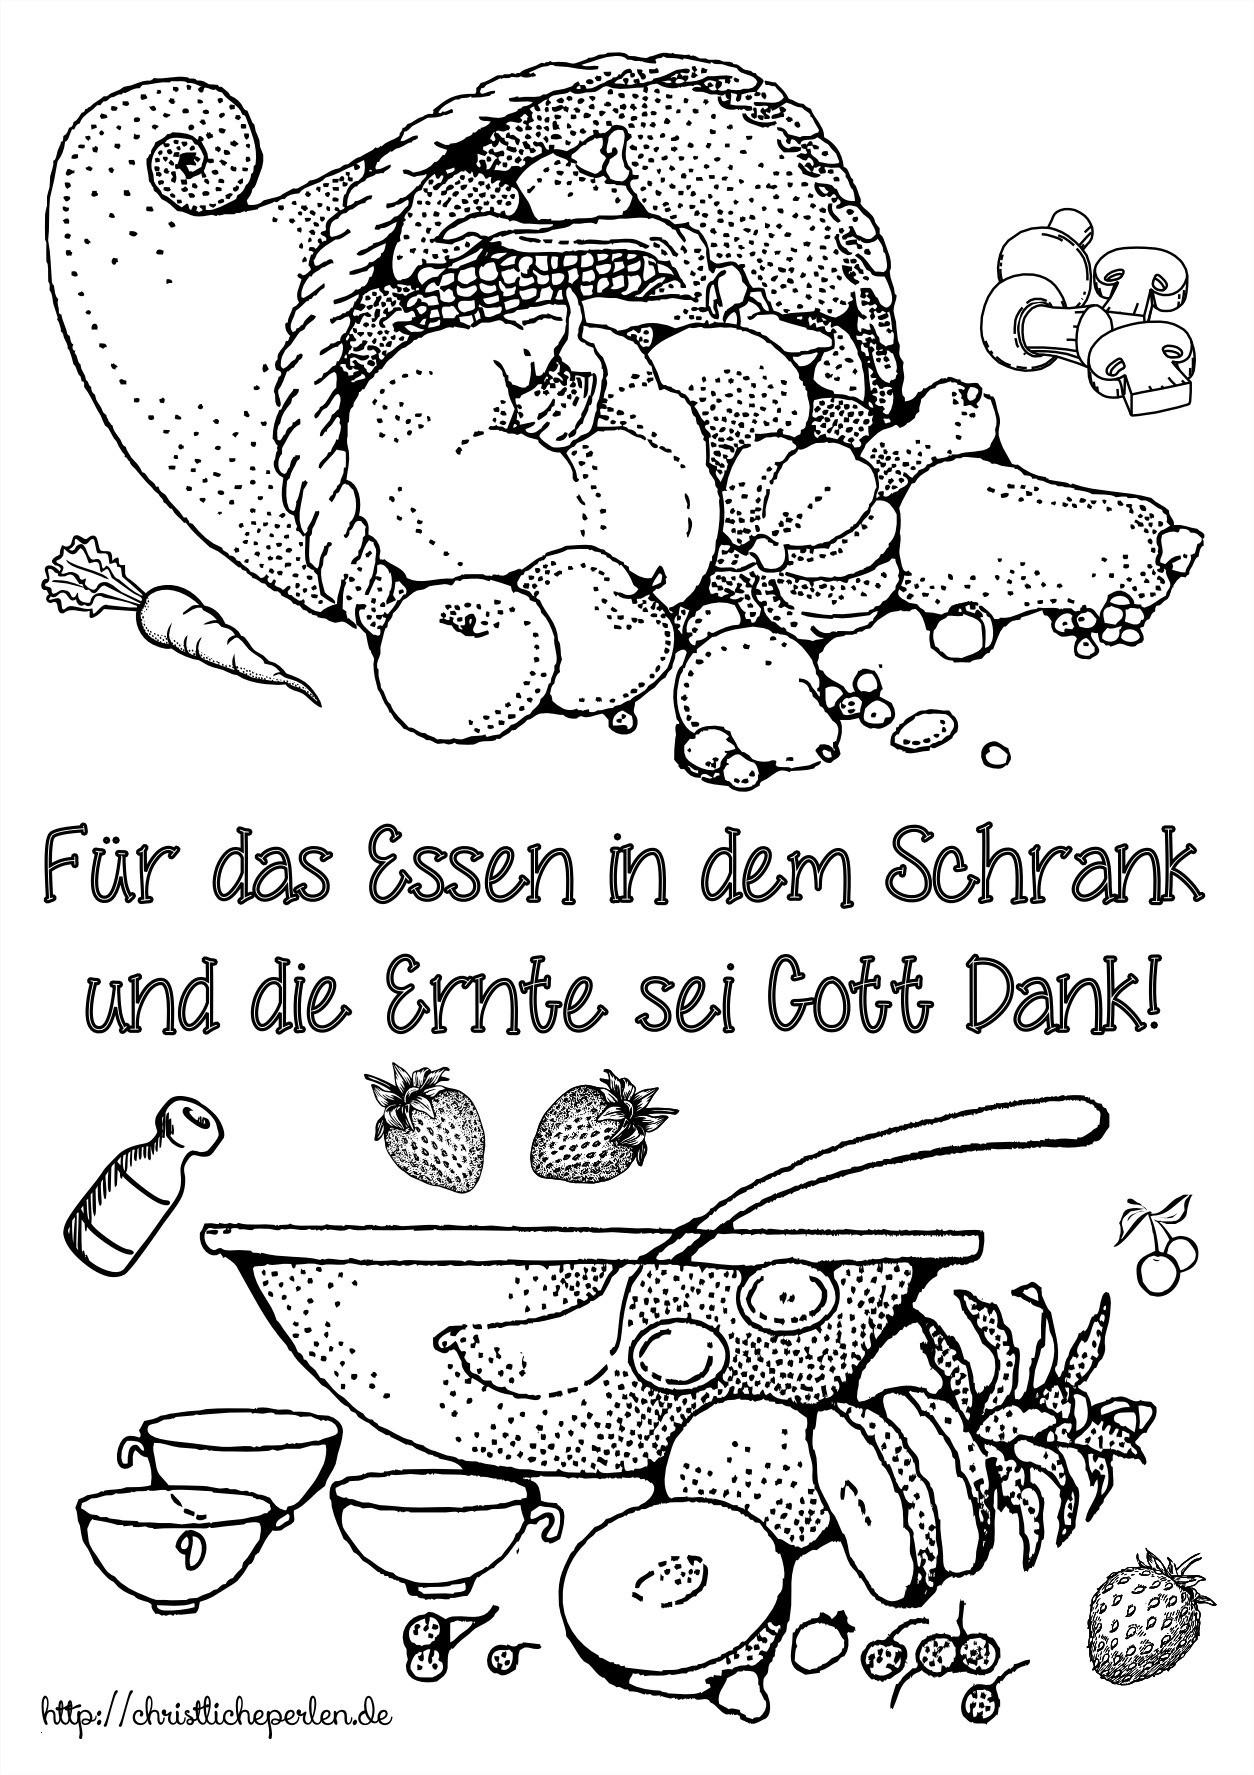 Ausmalbilder Herbst Kostenlos Ausdrucken Frisch Malvorlagen Igel Best Igel Grundschule 0d Archives Uploadertalk Sammlung